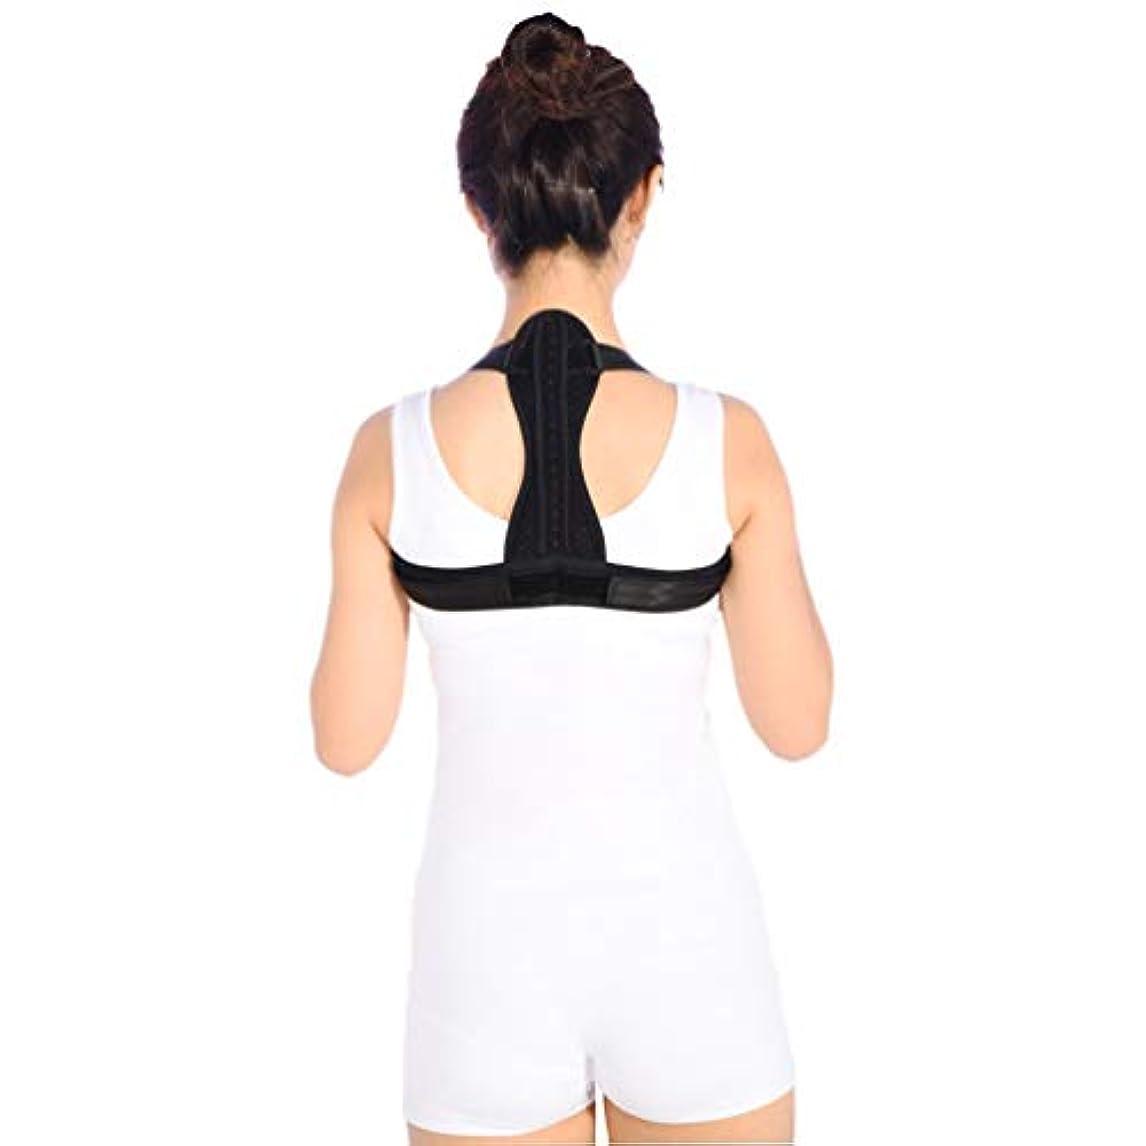 行方不明証書収縮通気性の脊柱側弯症ザトウクジラ補正ベルト調節可能な快適さ目に見えないベルト男性女性大人学生子供 - 黒